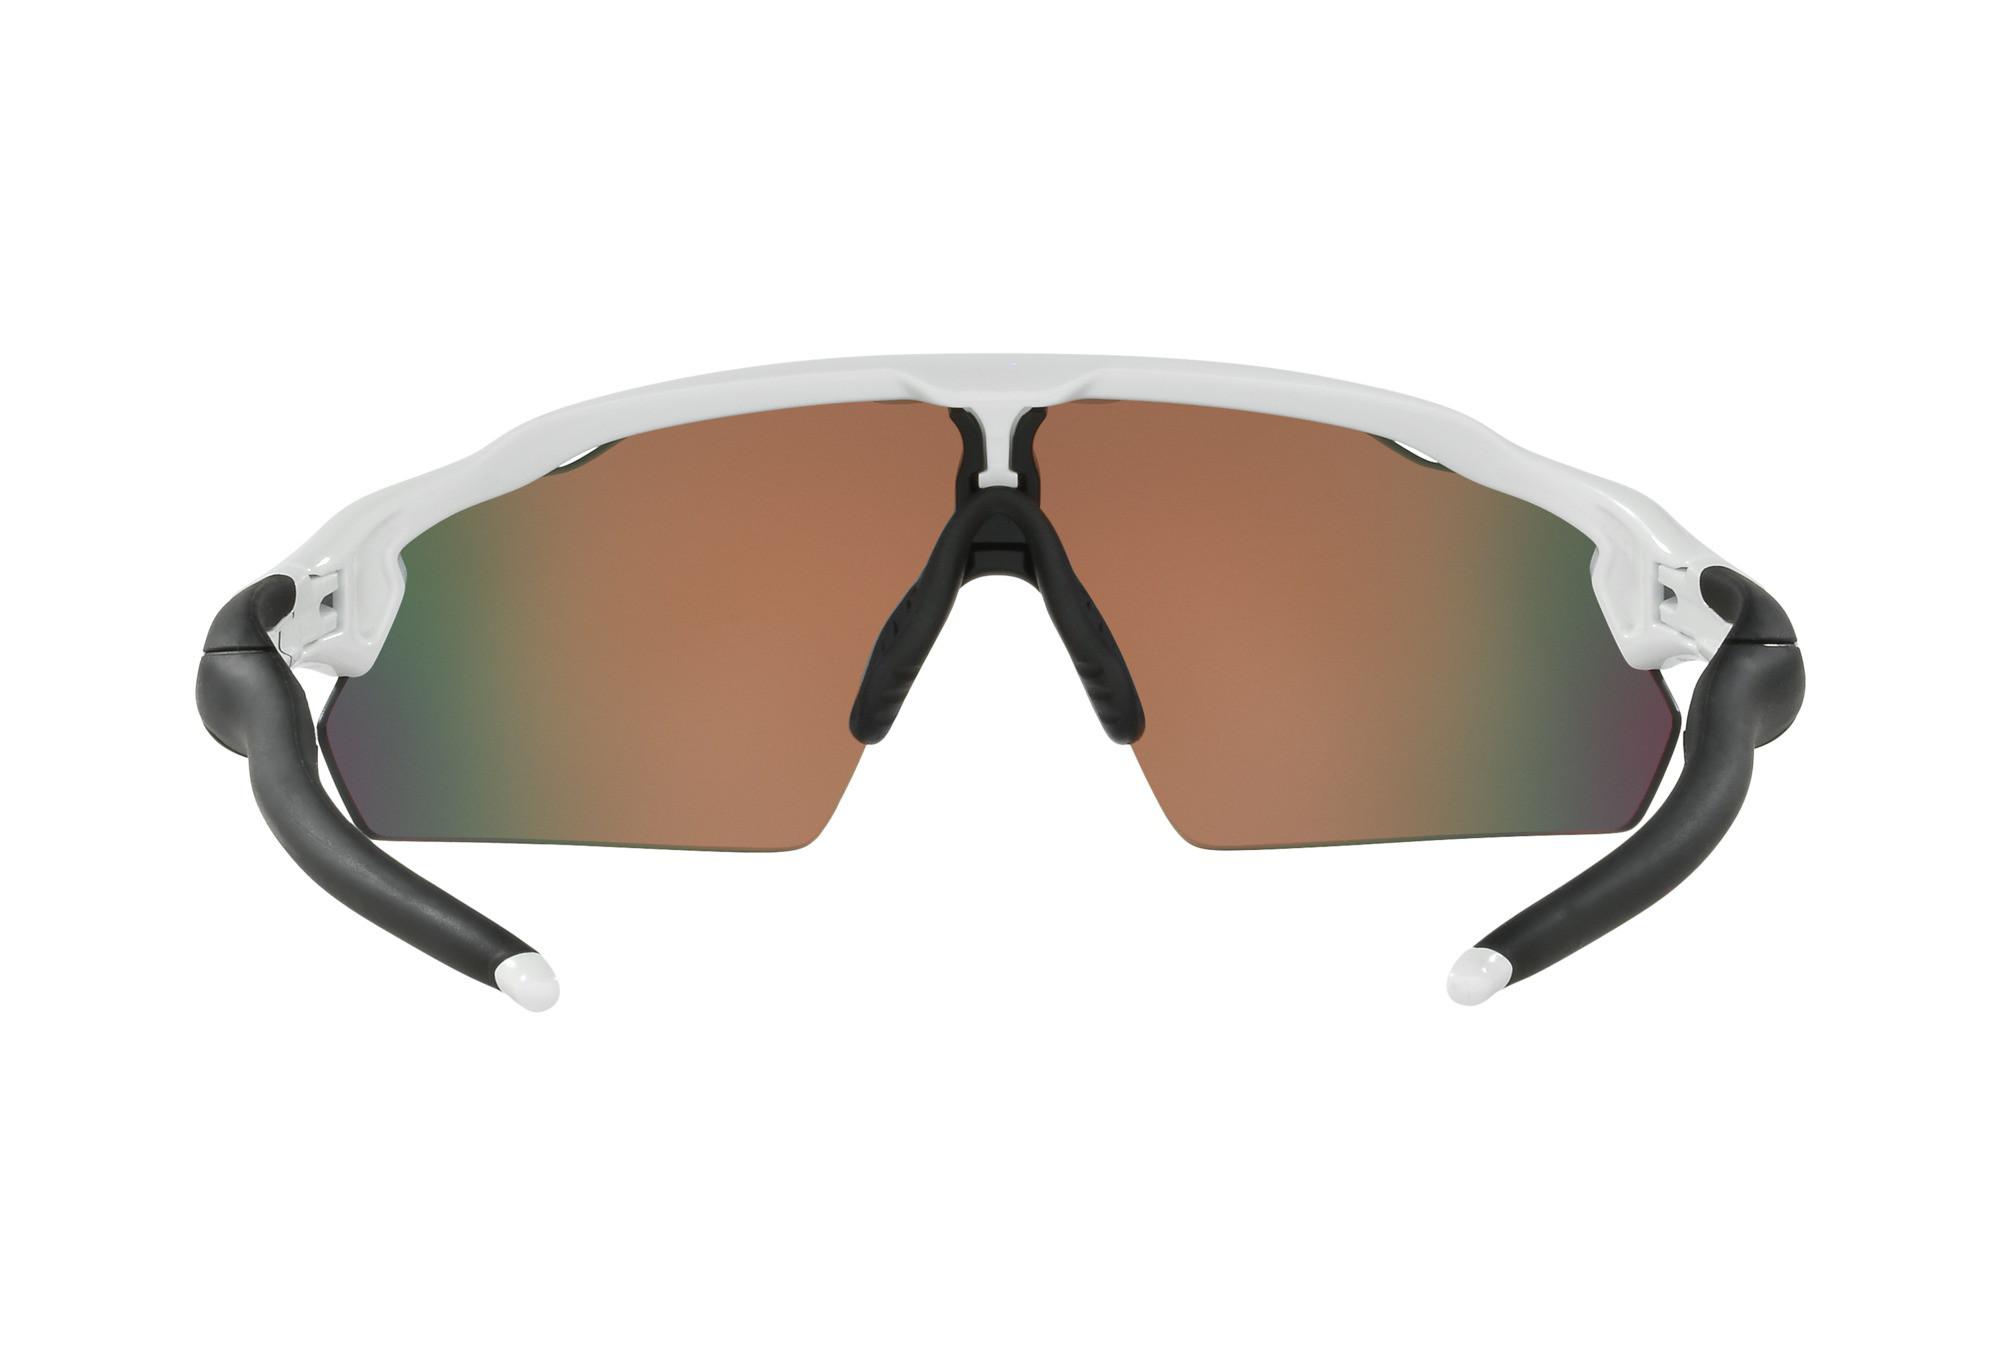 91faaa4f4e OAKLEY Sunglasses EV Pitch Polished White Black   Prizm Cricket Ref   OO9211-11